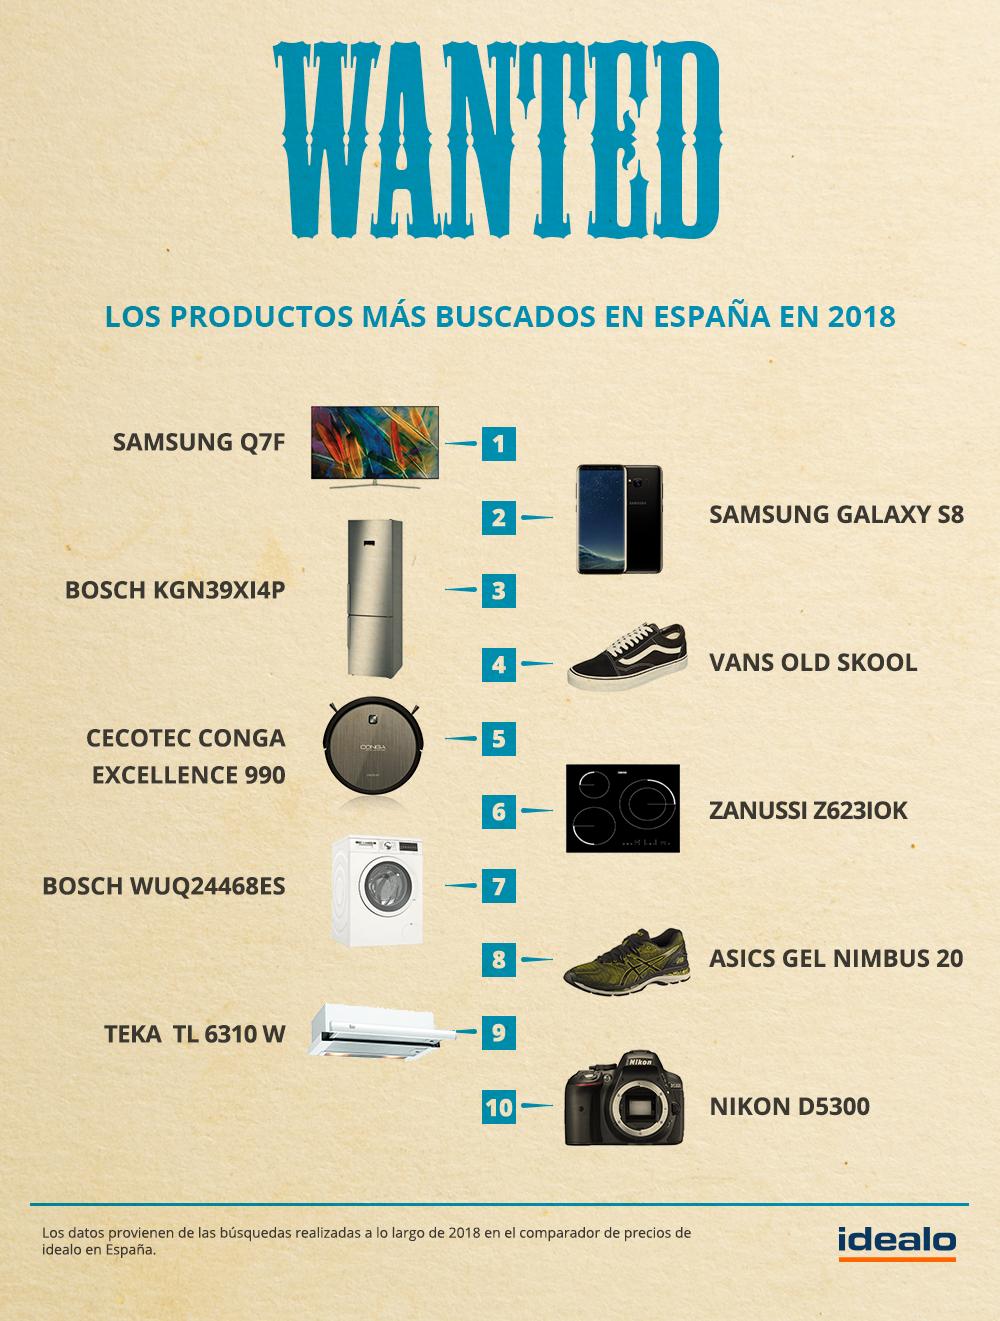 InfografíaLos productos tecnológicos lideran las búsquedas online en España en 2018